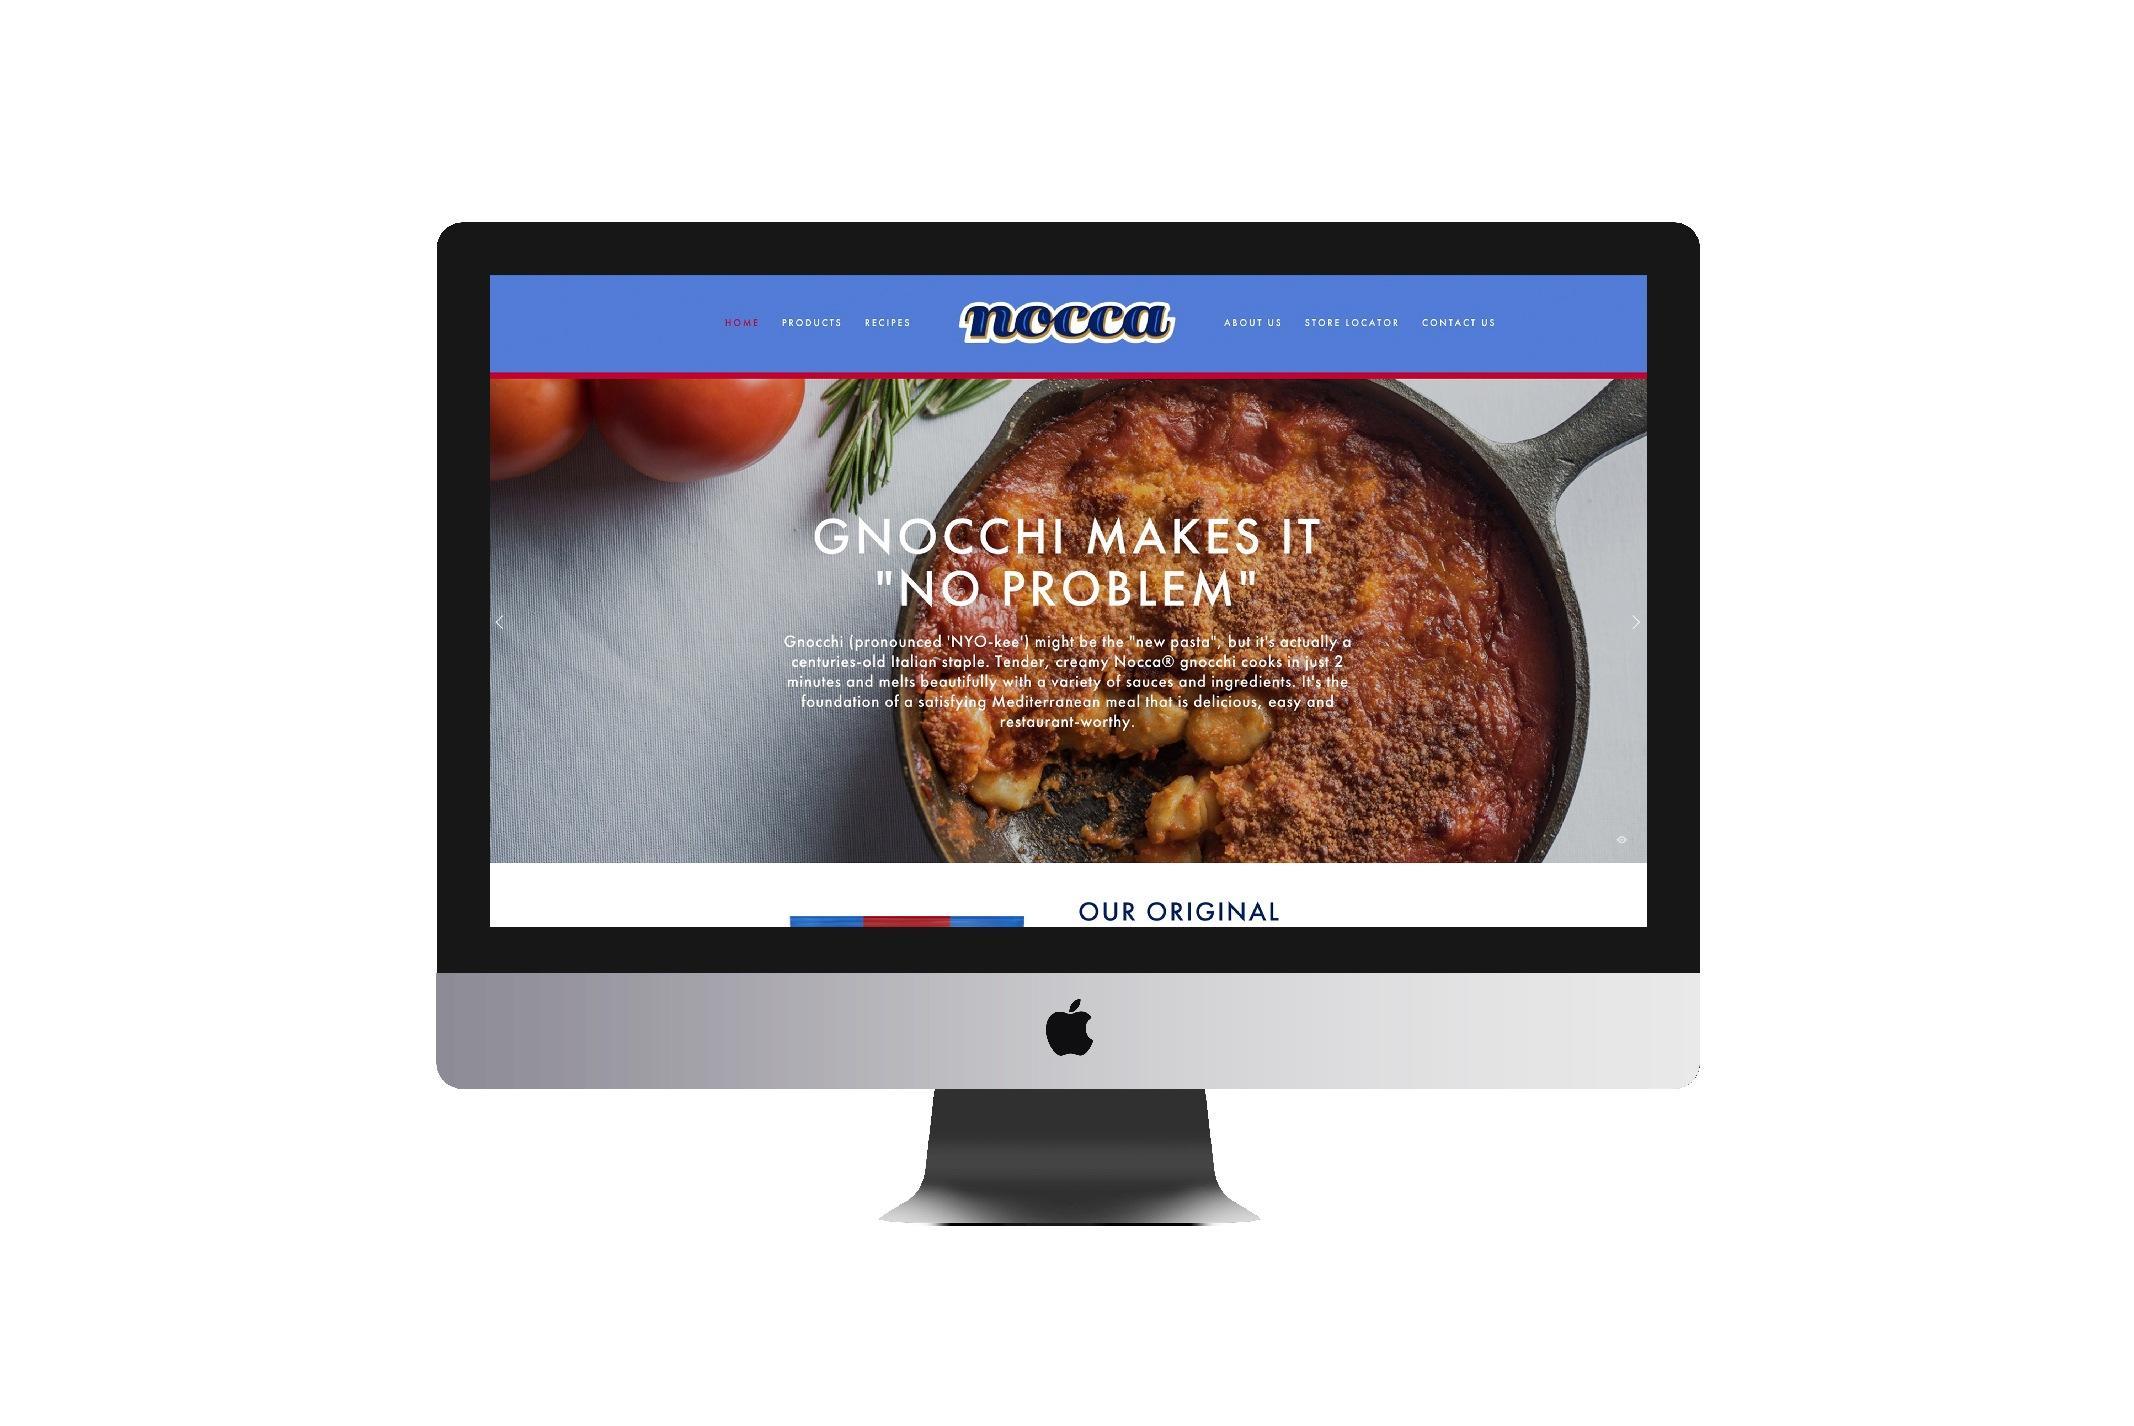 Nocca Pasta Brand Website